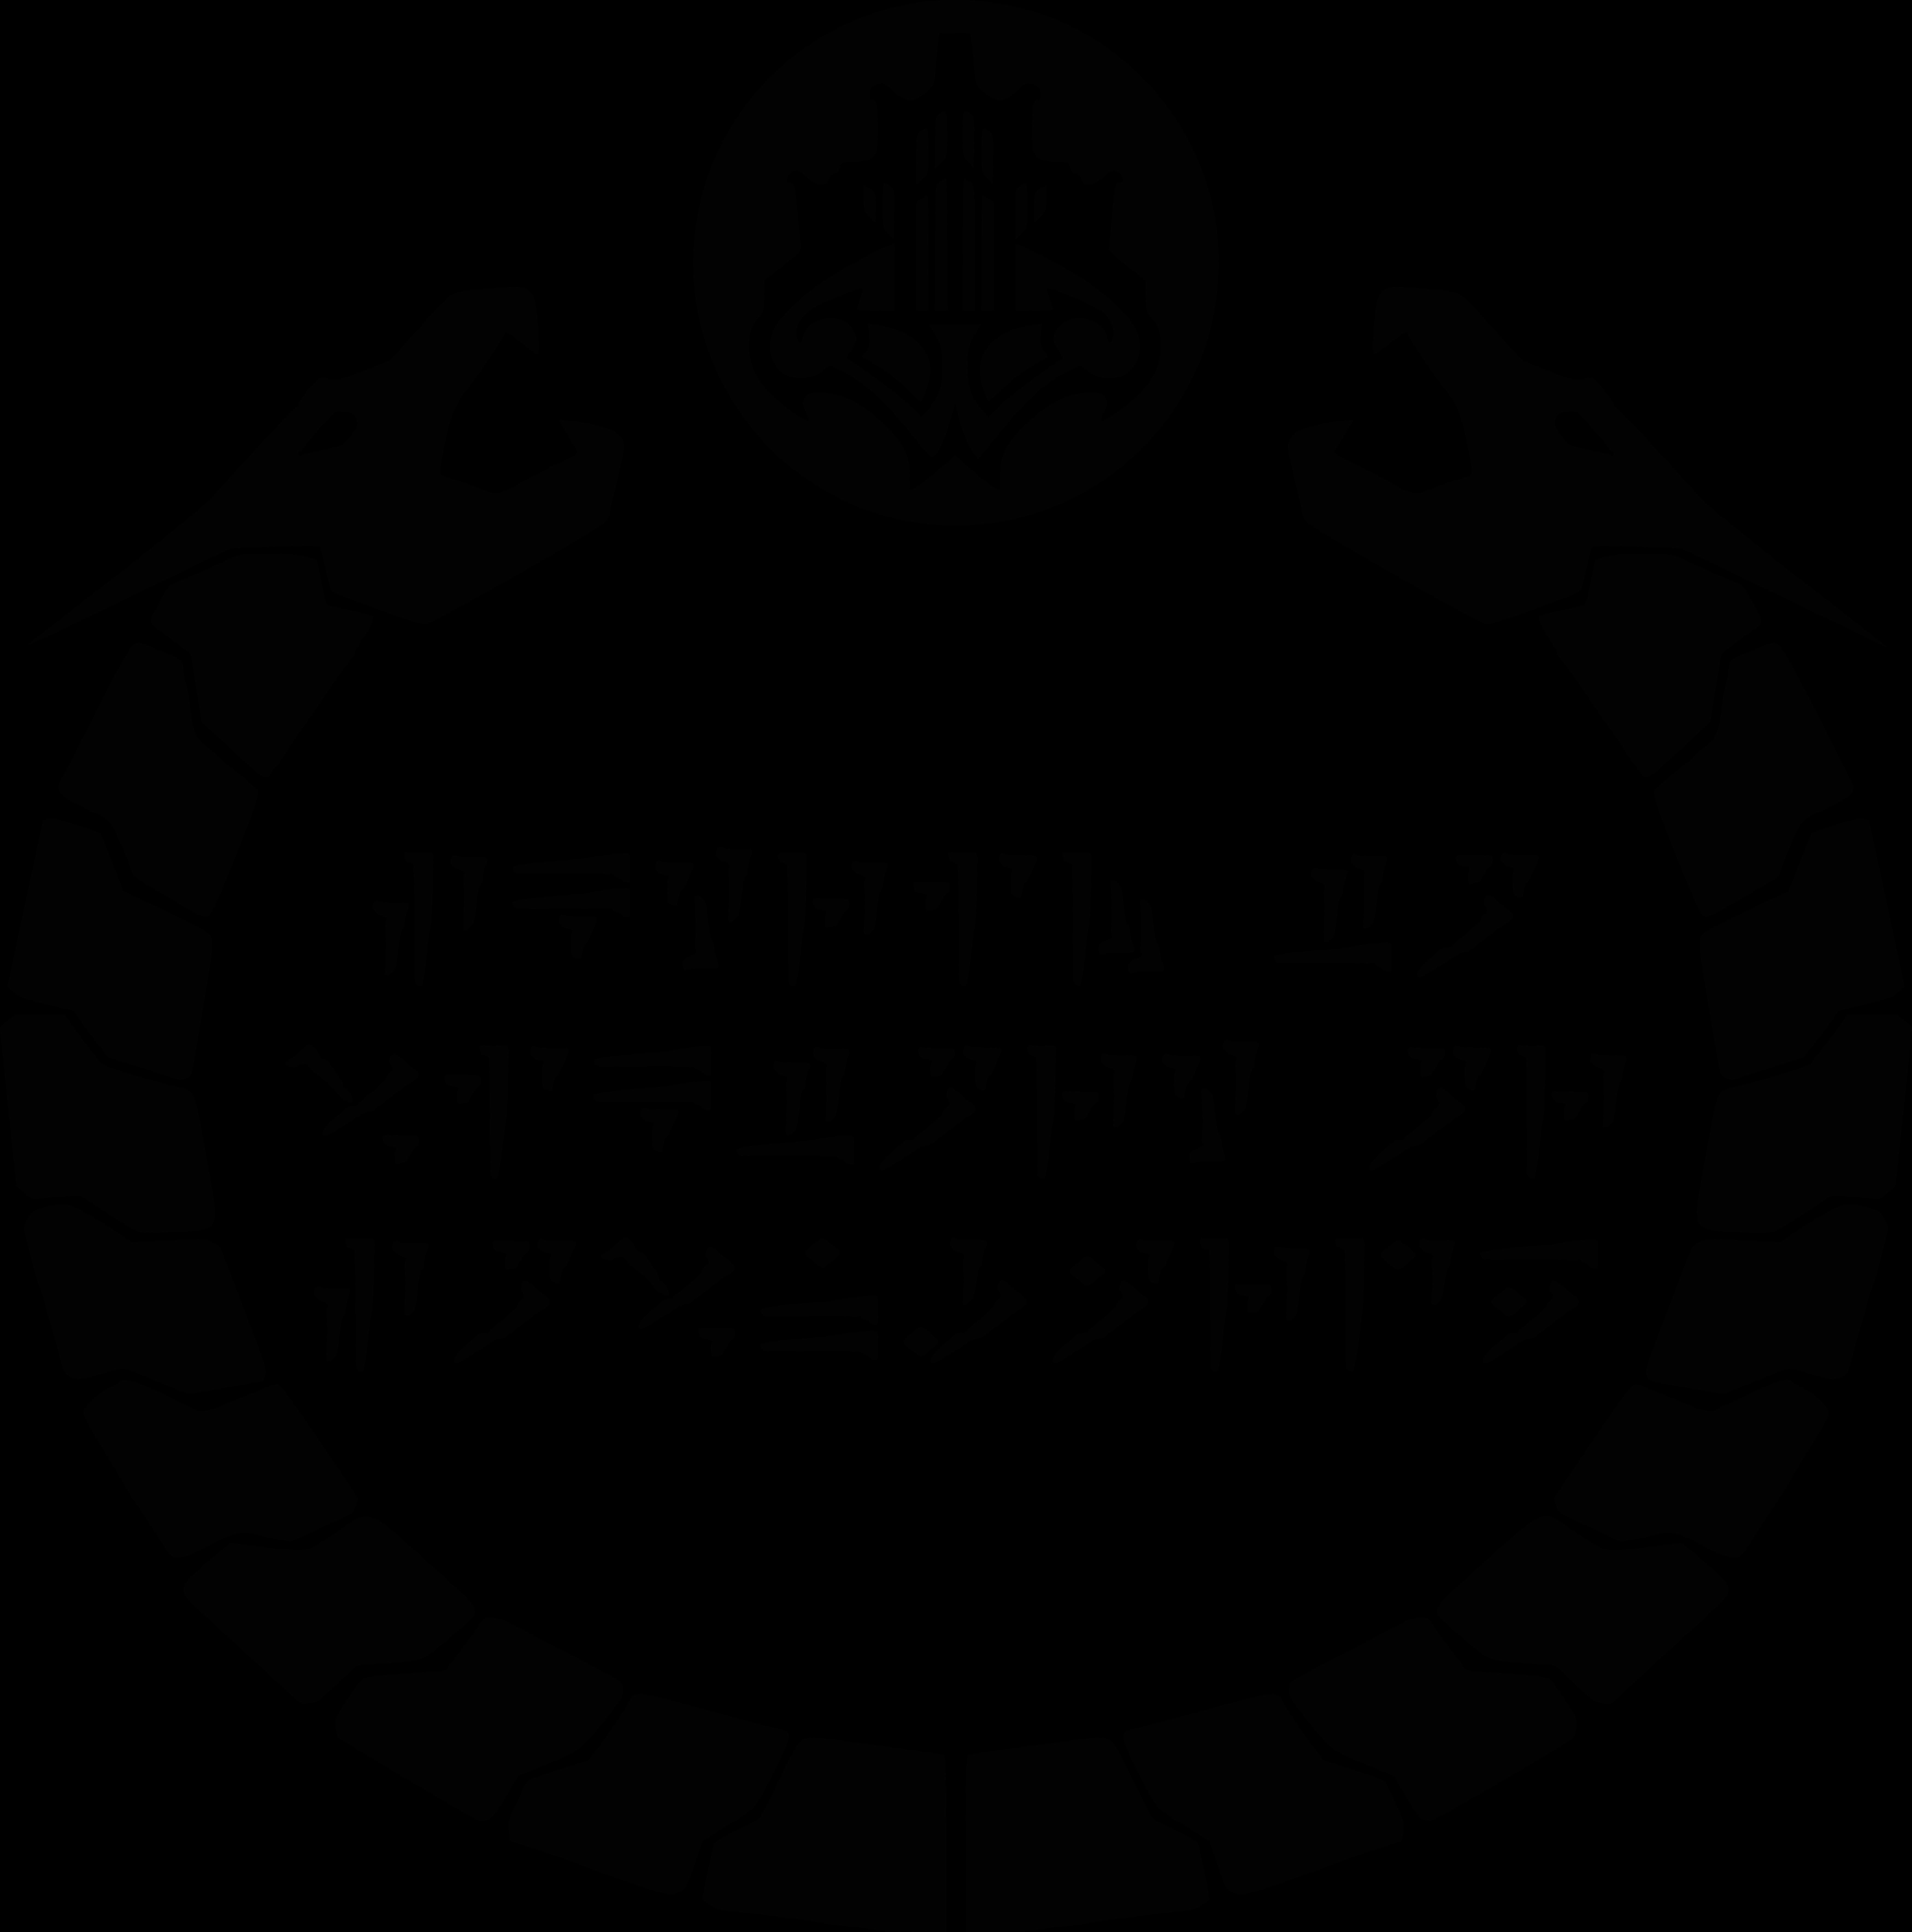 Skyrim Companions Symbol Wwwtopsimagescom